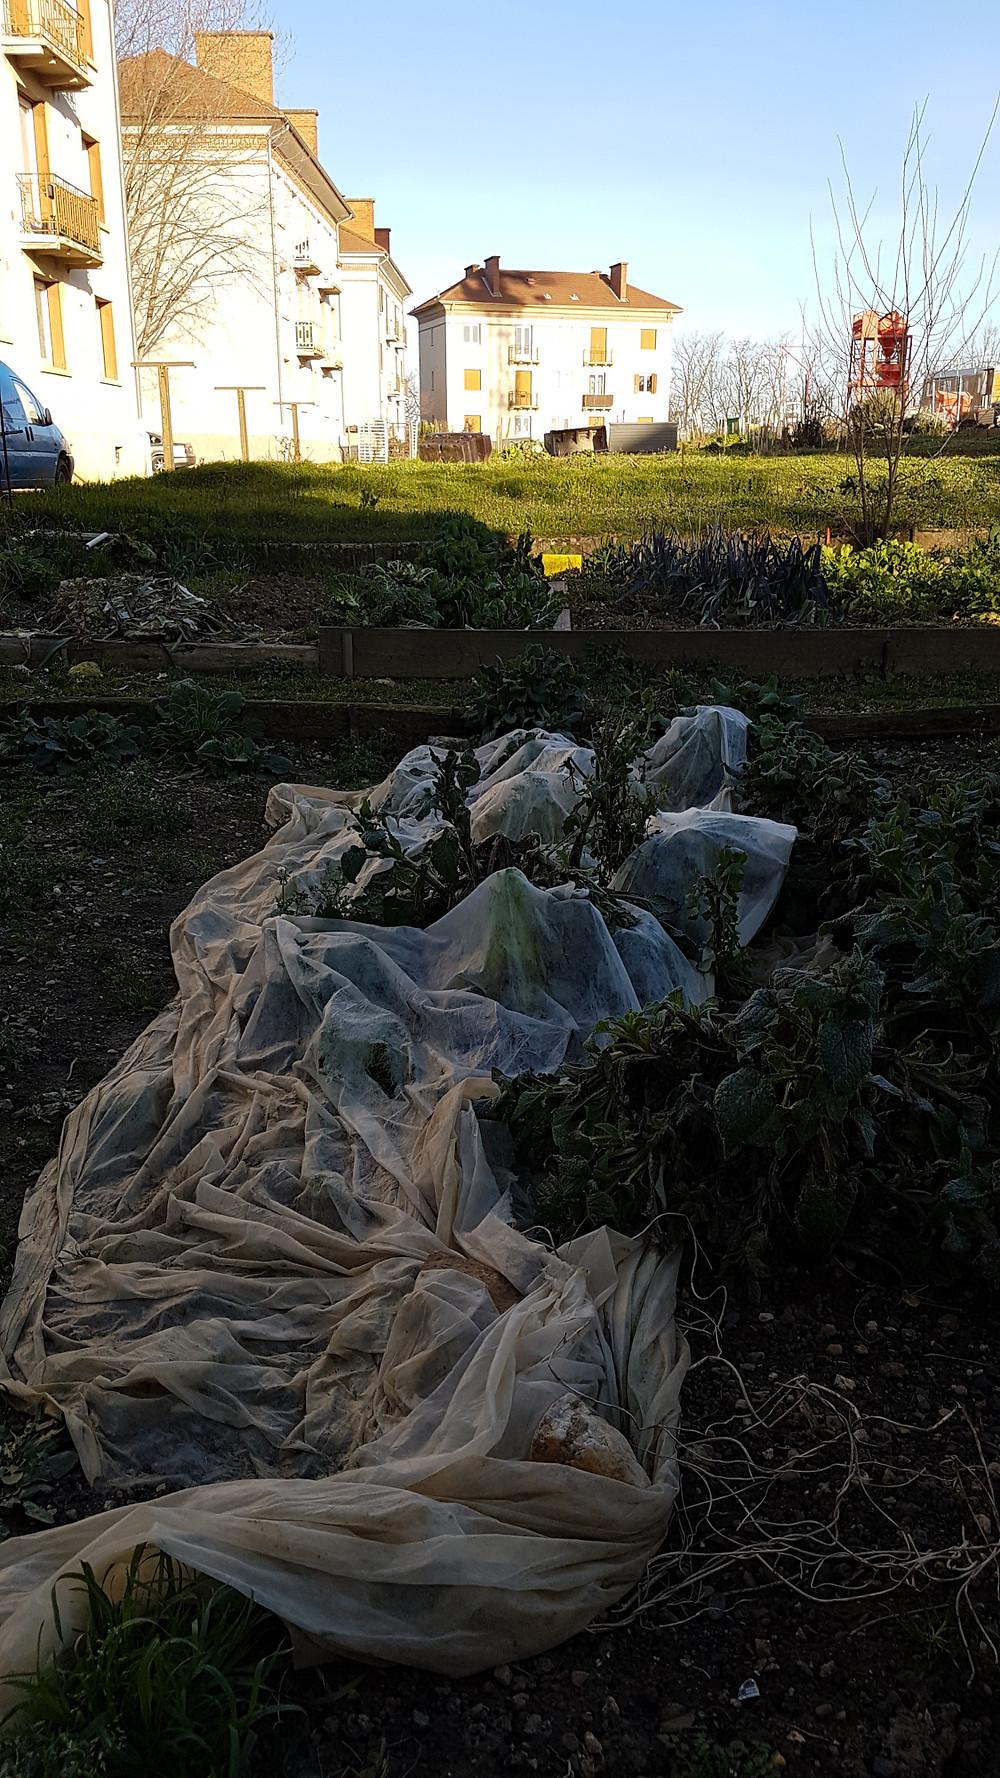 un long voile d'hivernage abandonné sur le sol d'un jardin préservé